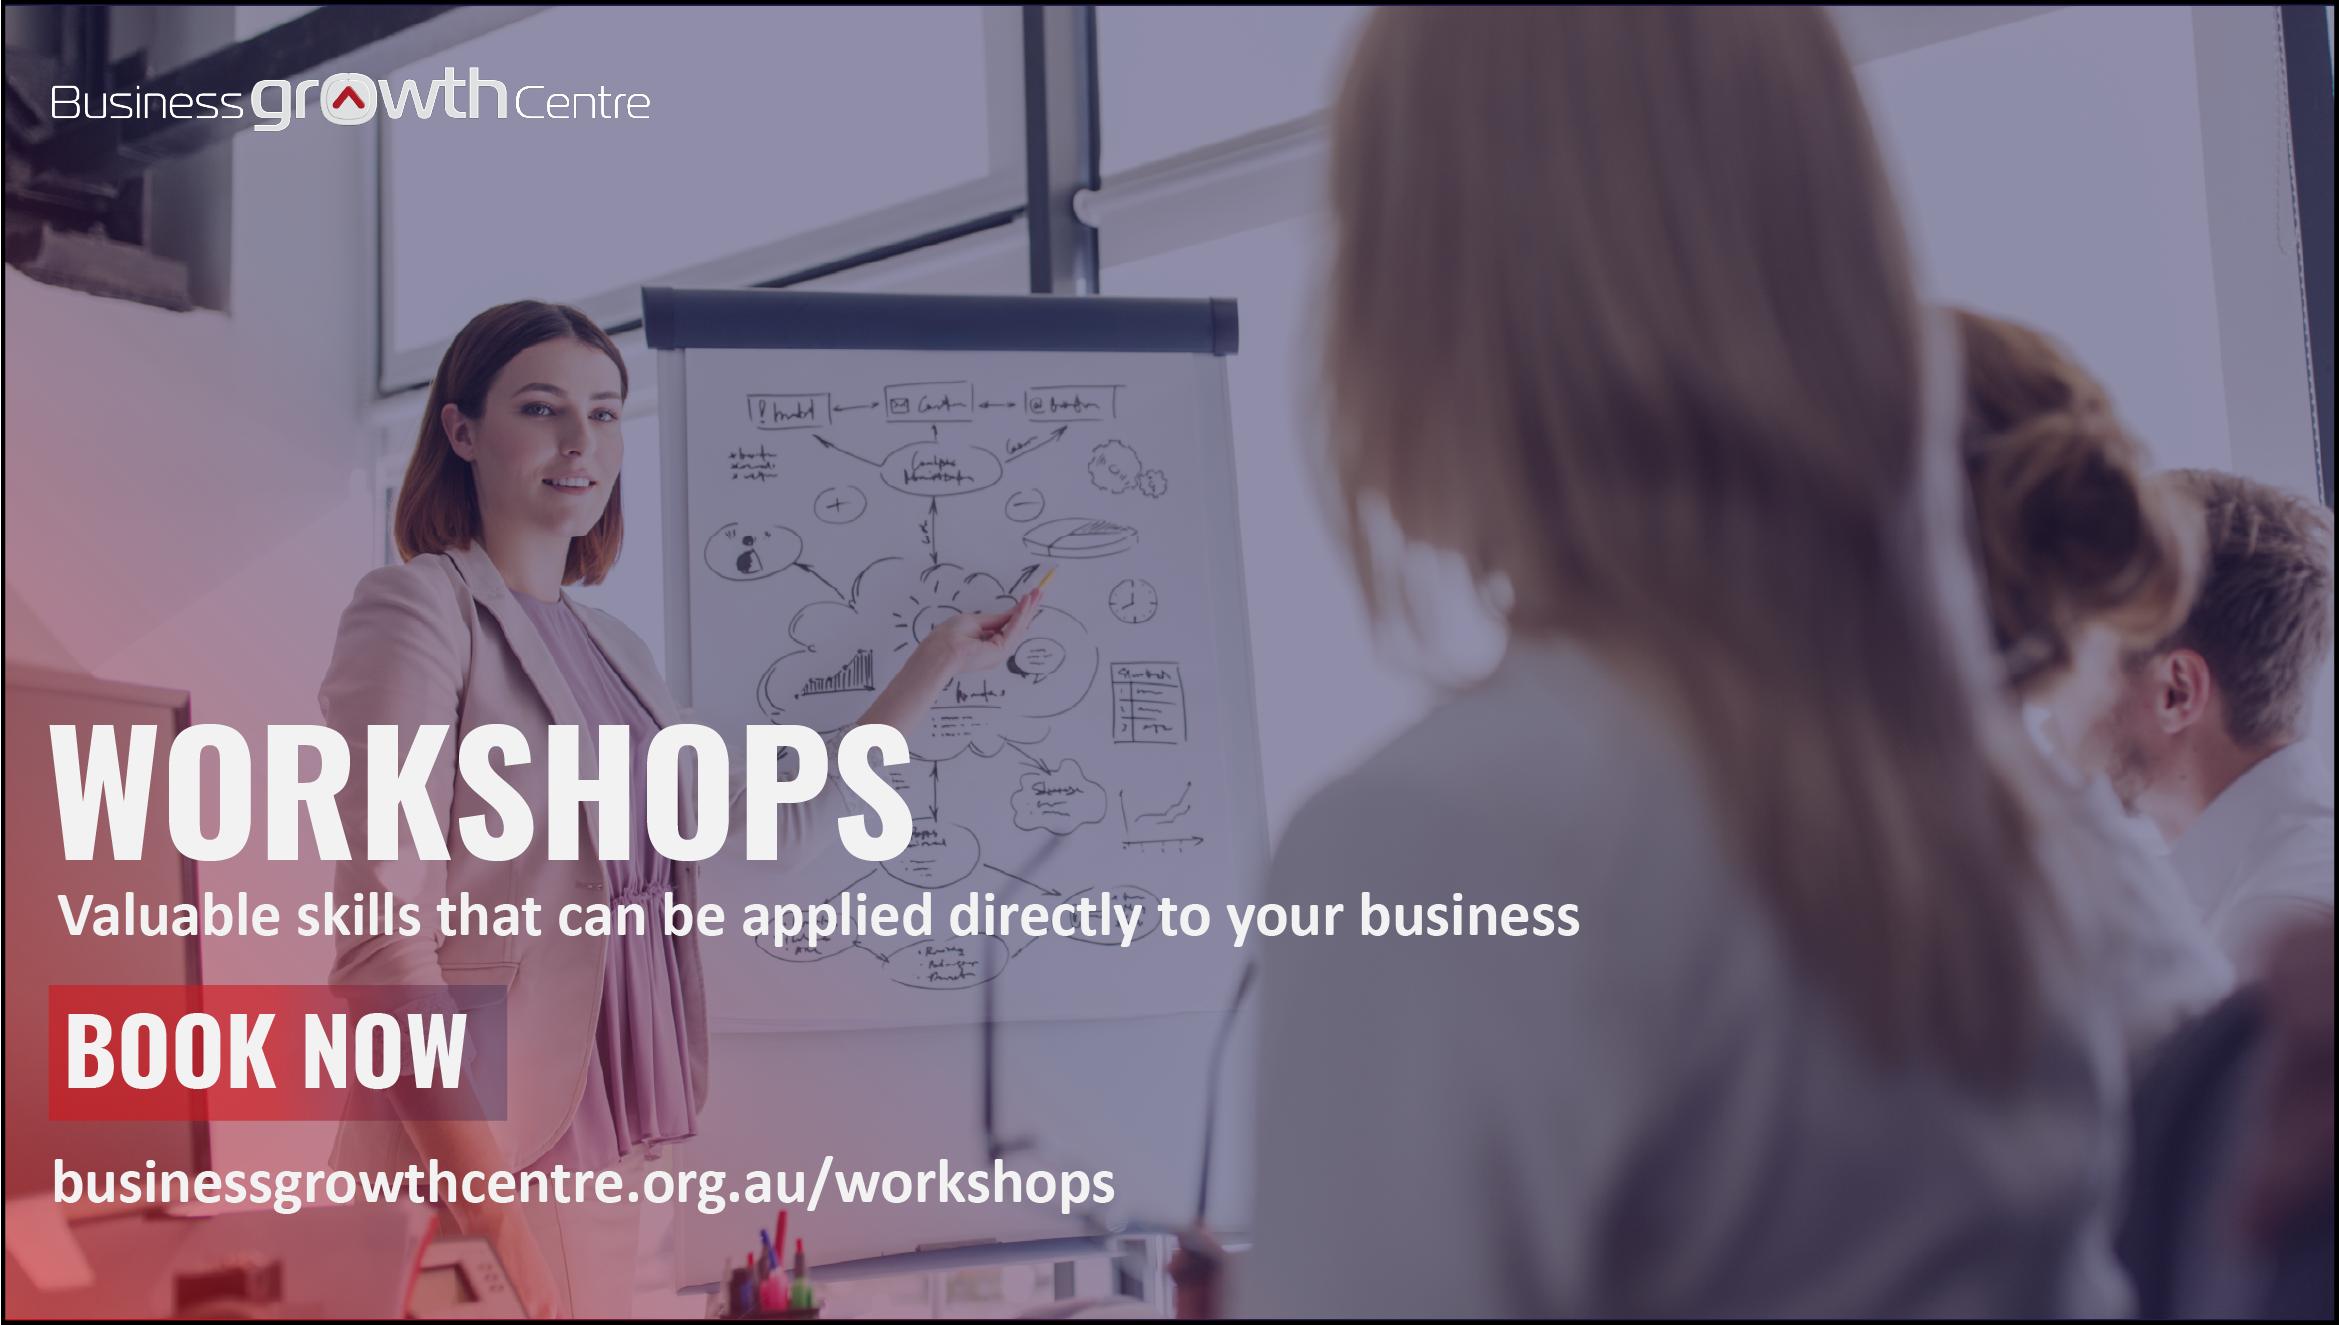 Workshops image for website